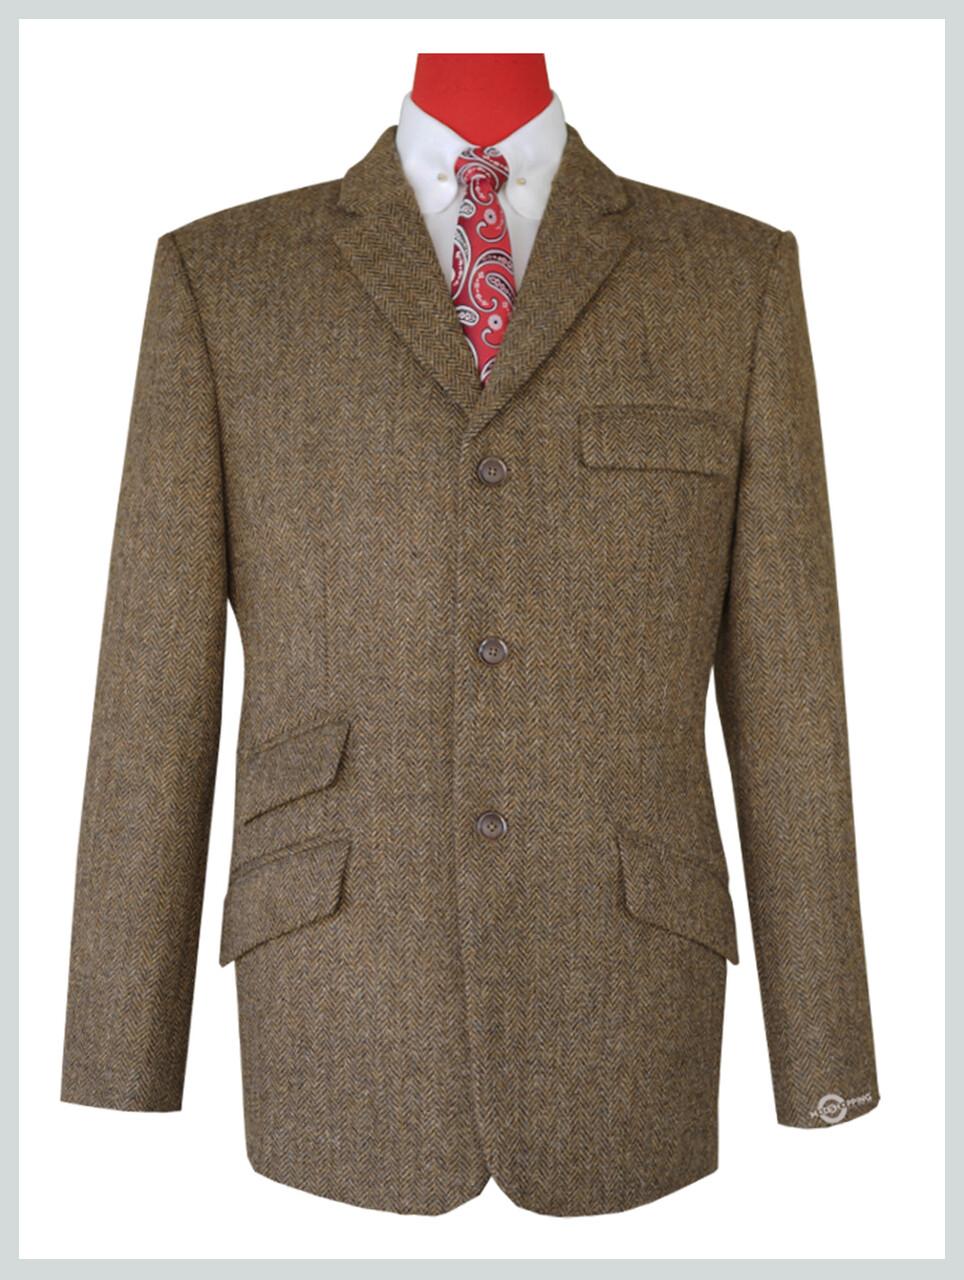 Brown Herringbone Tweed Jacket For Men